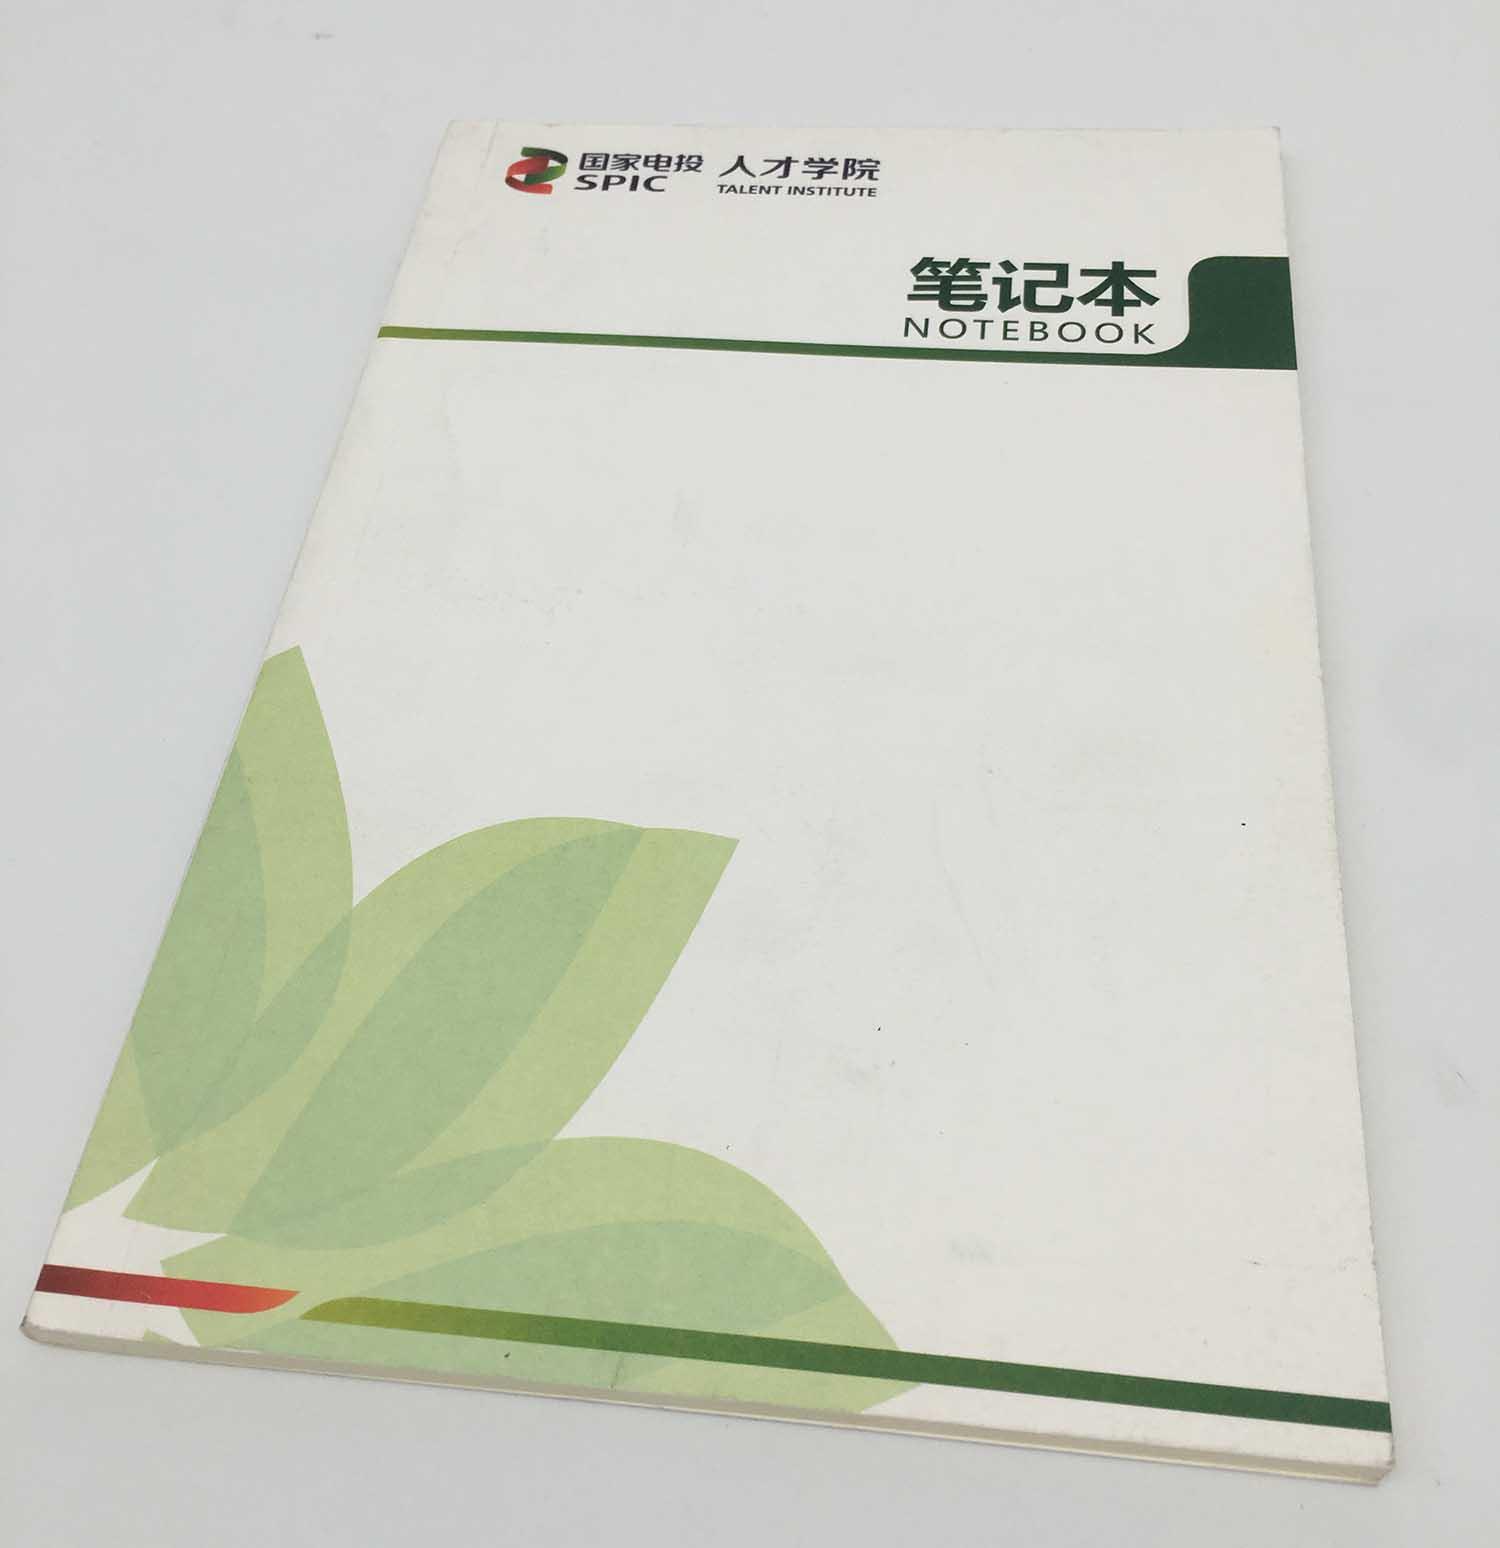 高邮笔记本印刷公司